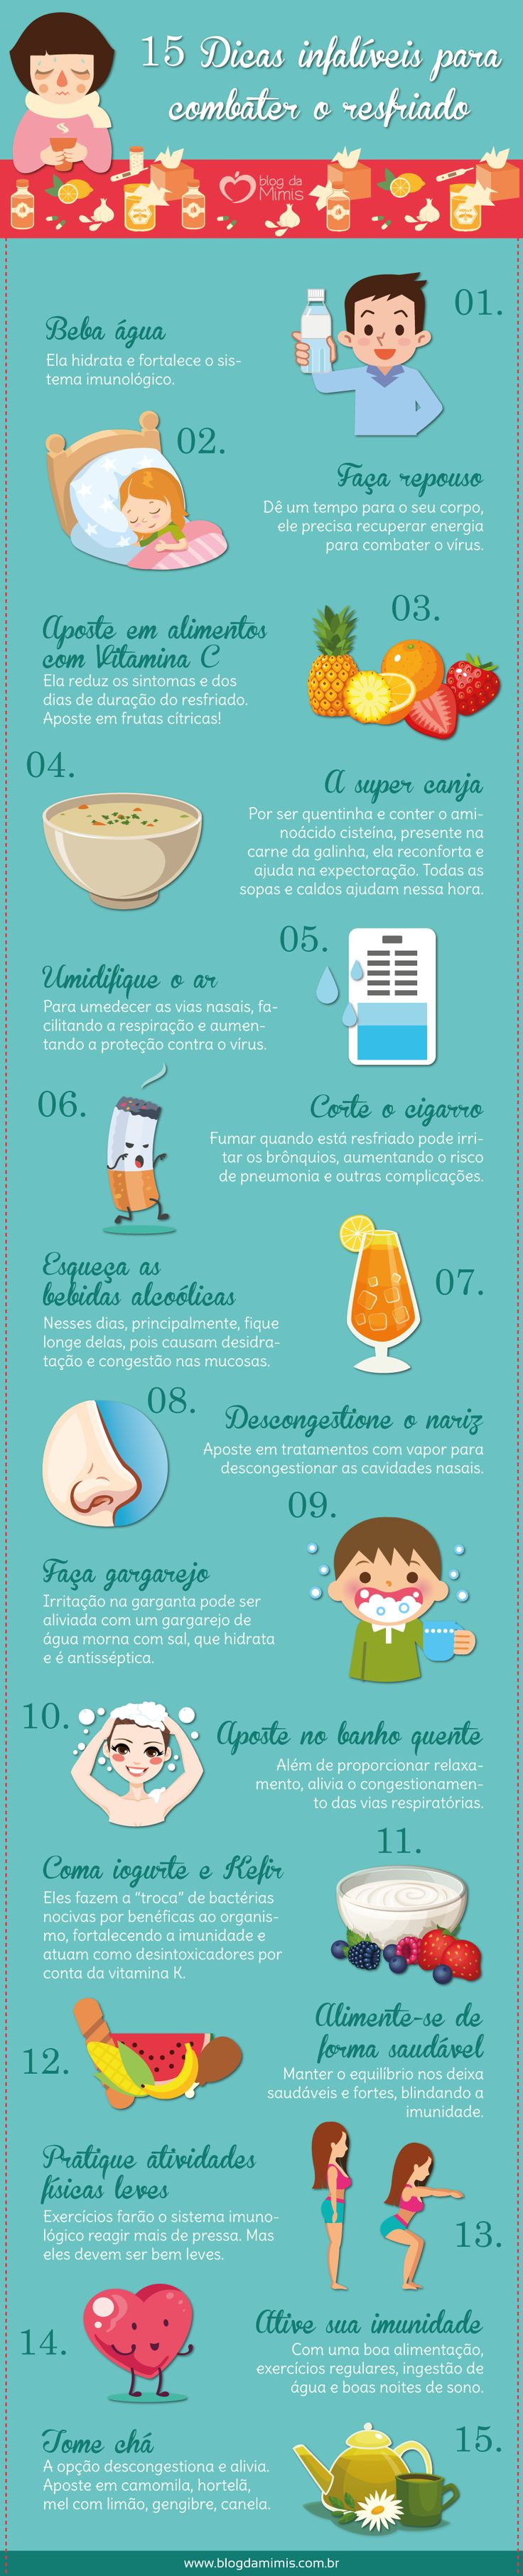 O resfriado é uma das doenças mais comuns que existe e os seus sintomas já são bem conhecidos: coriza, tosse, espirros, cansaço, dores leves de garganta, de cabeça e musculares. Ninguém merece! Dif…